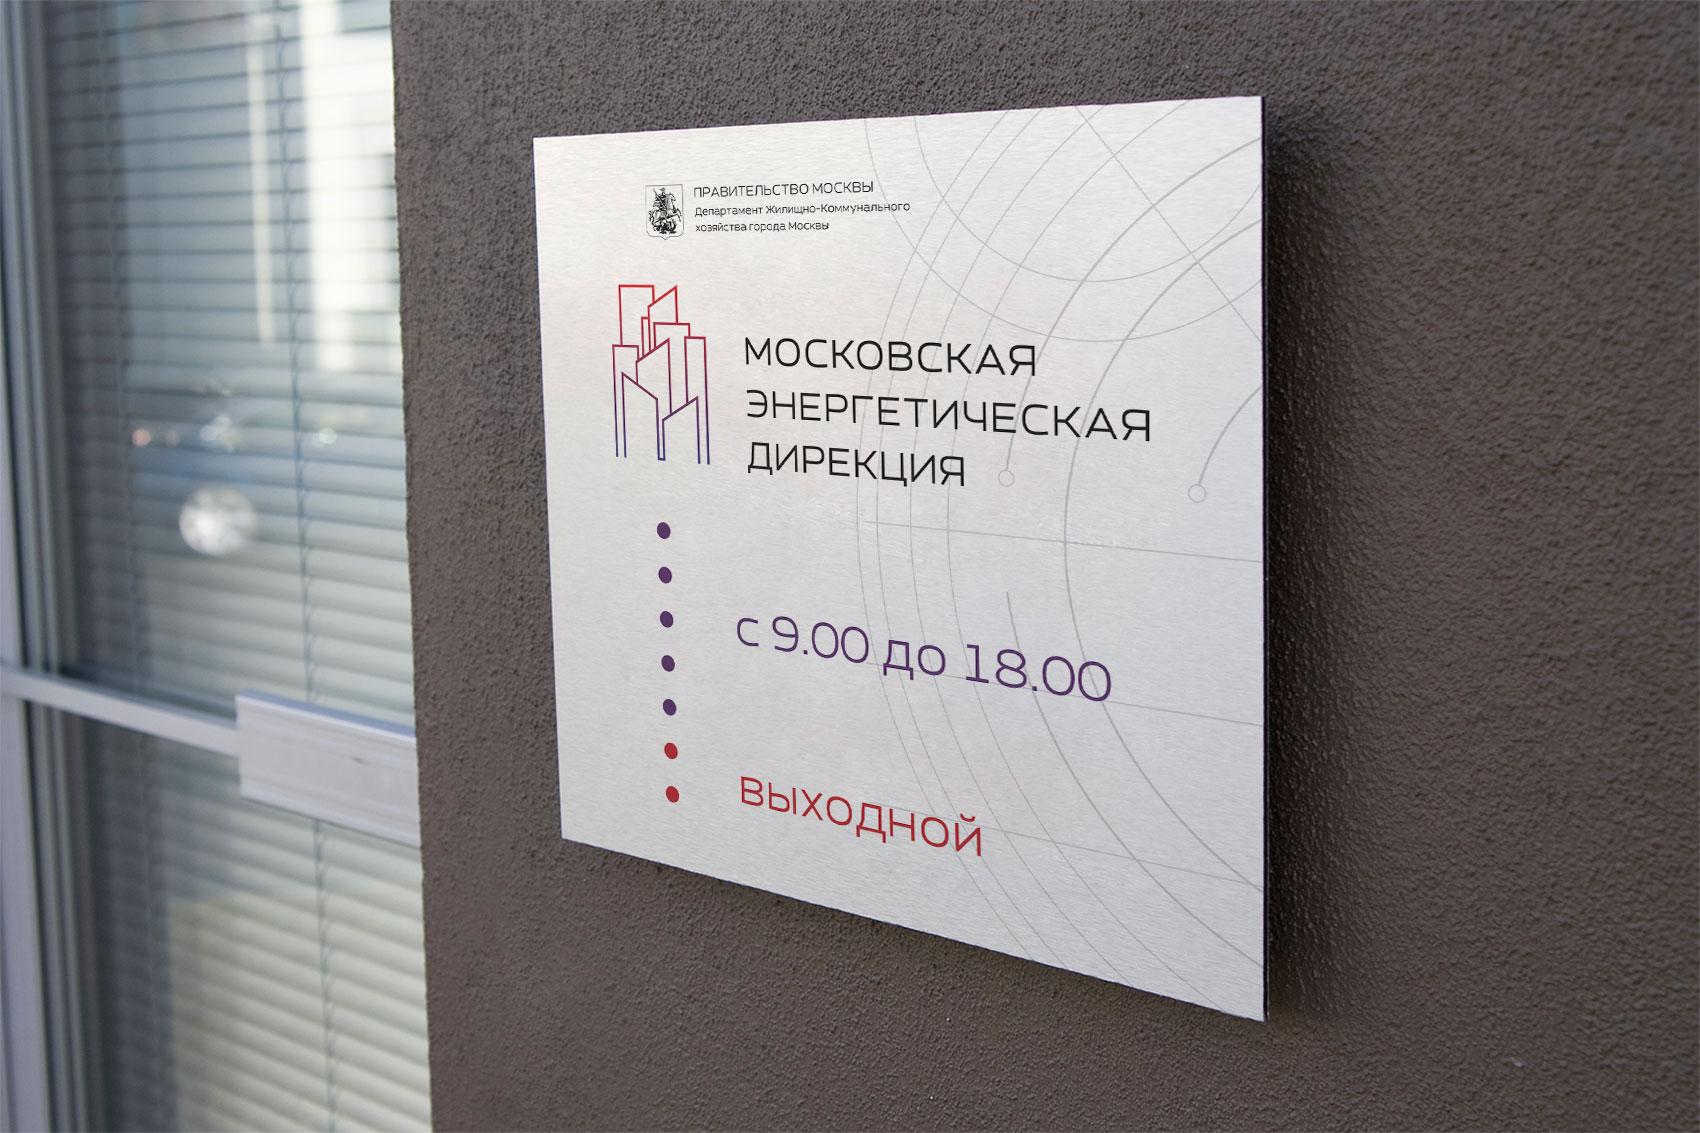 Московская энергетическая дирекция